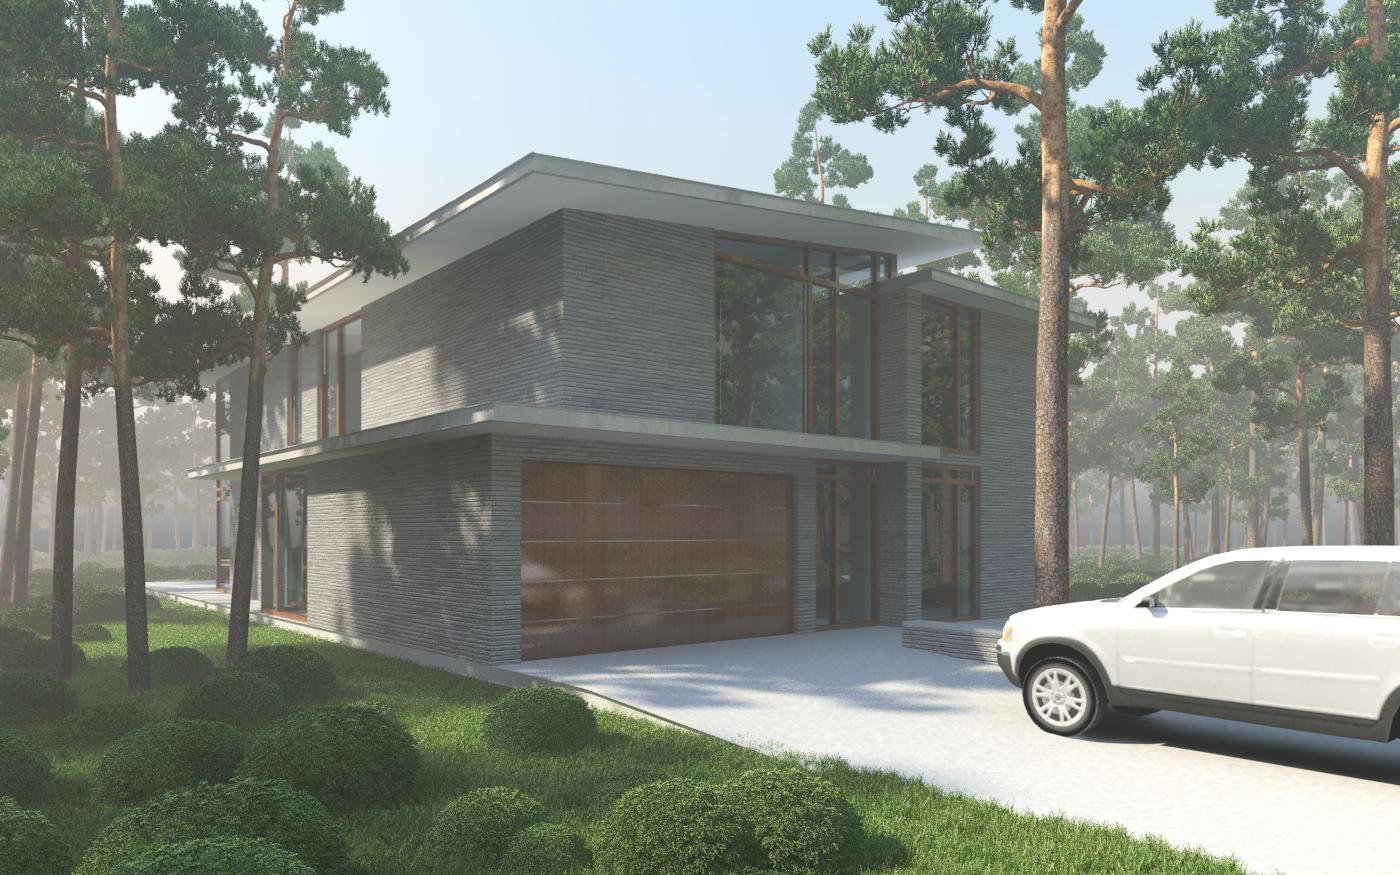 Villa Kerckebosch_Engel Architecten